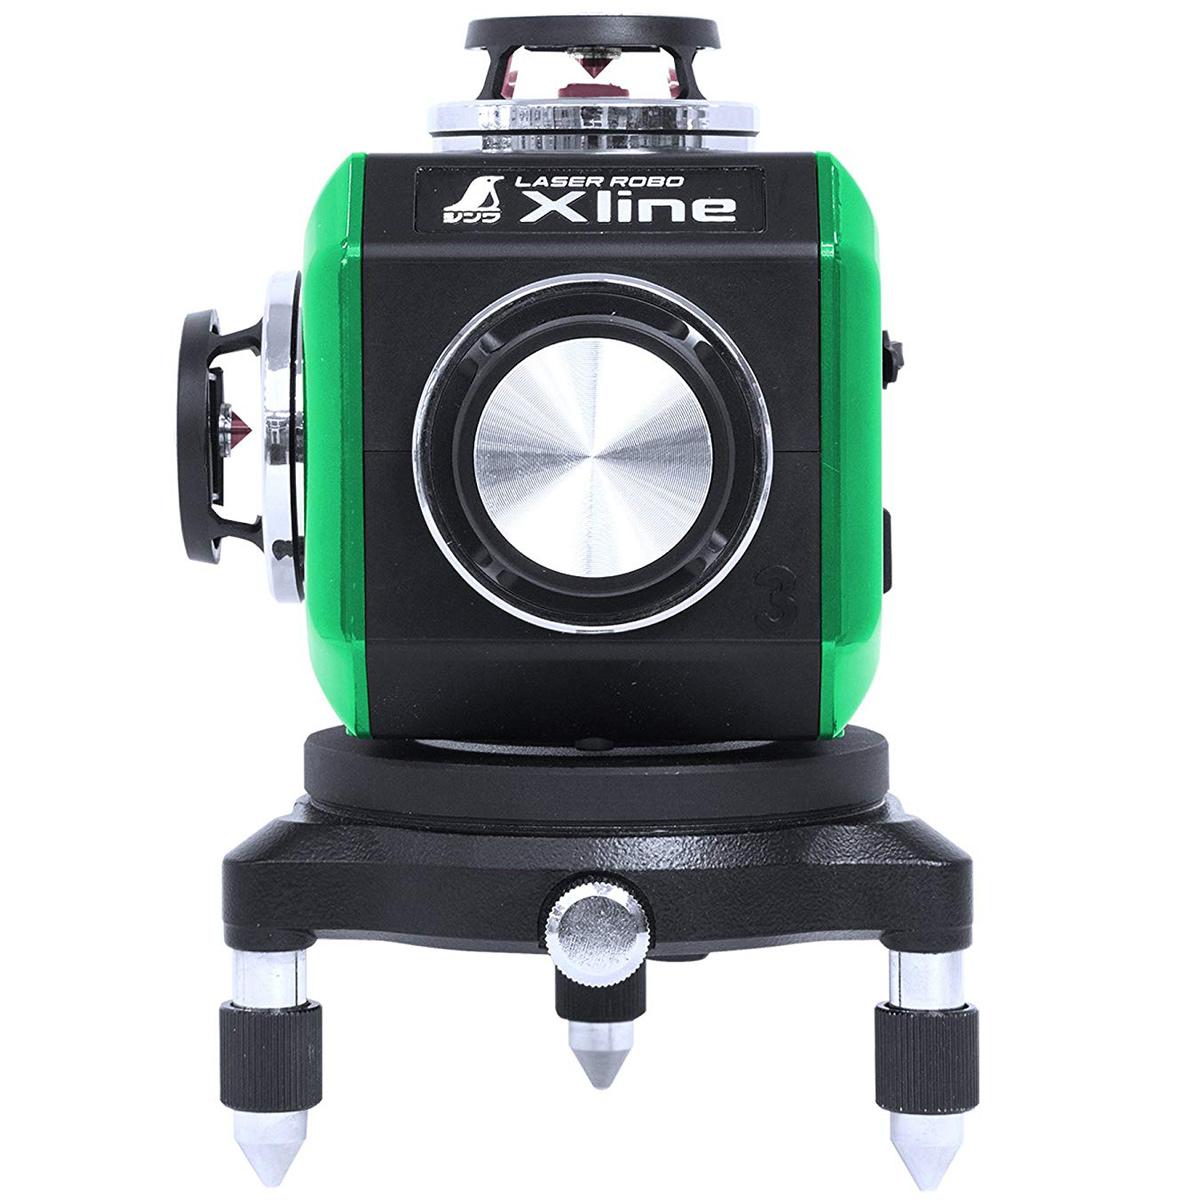 レーザーロボ X line グリーン フルライン・地墨クロス シンワ測定